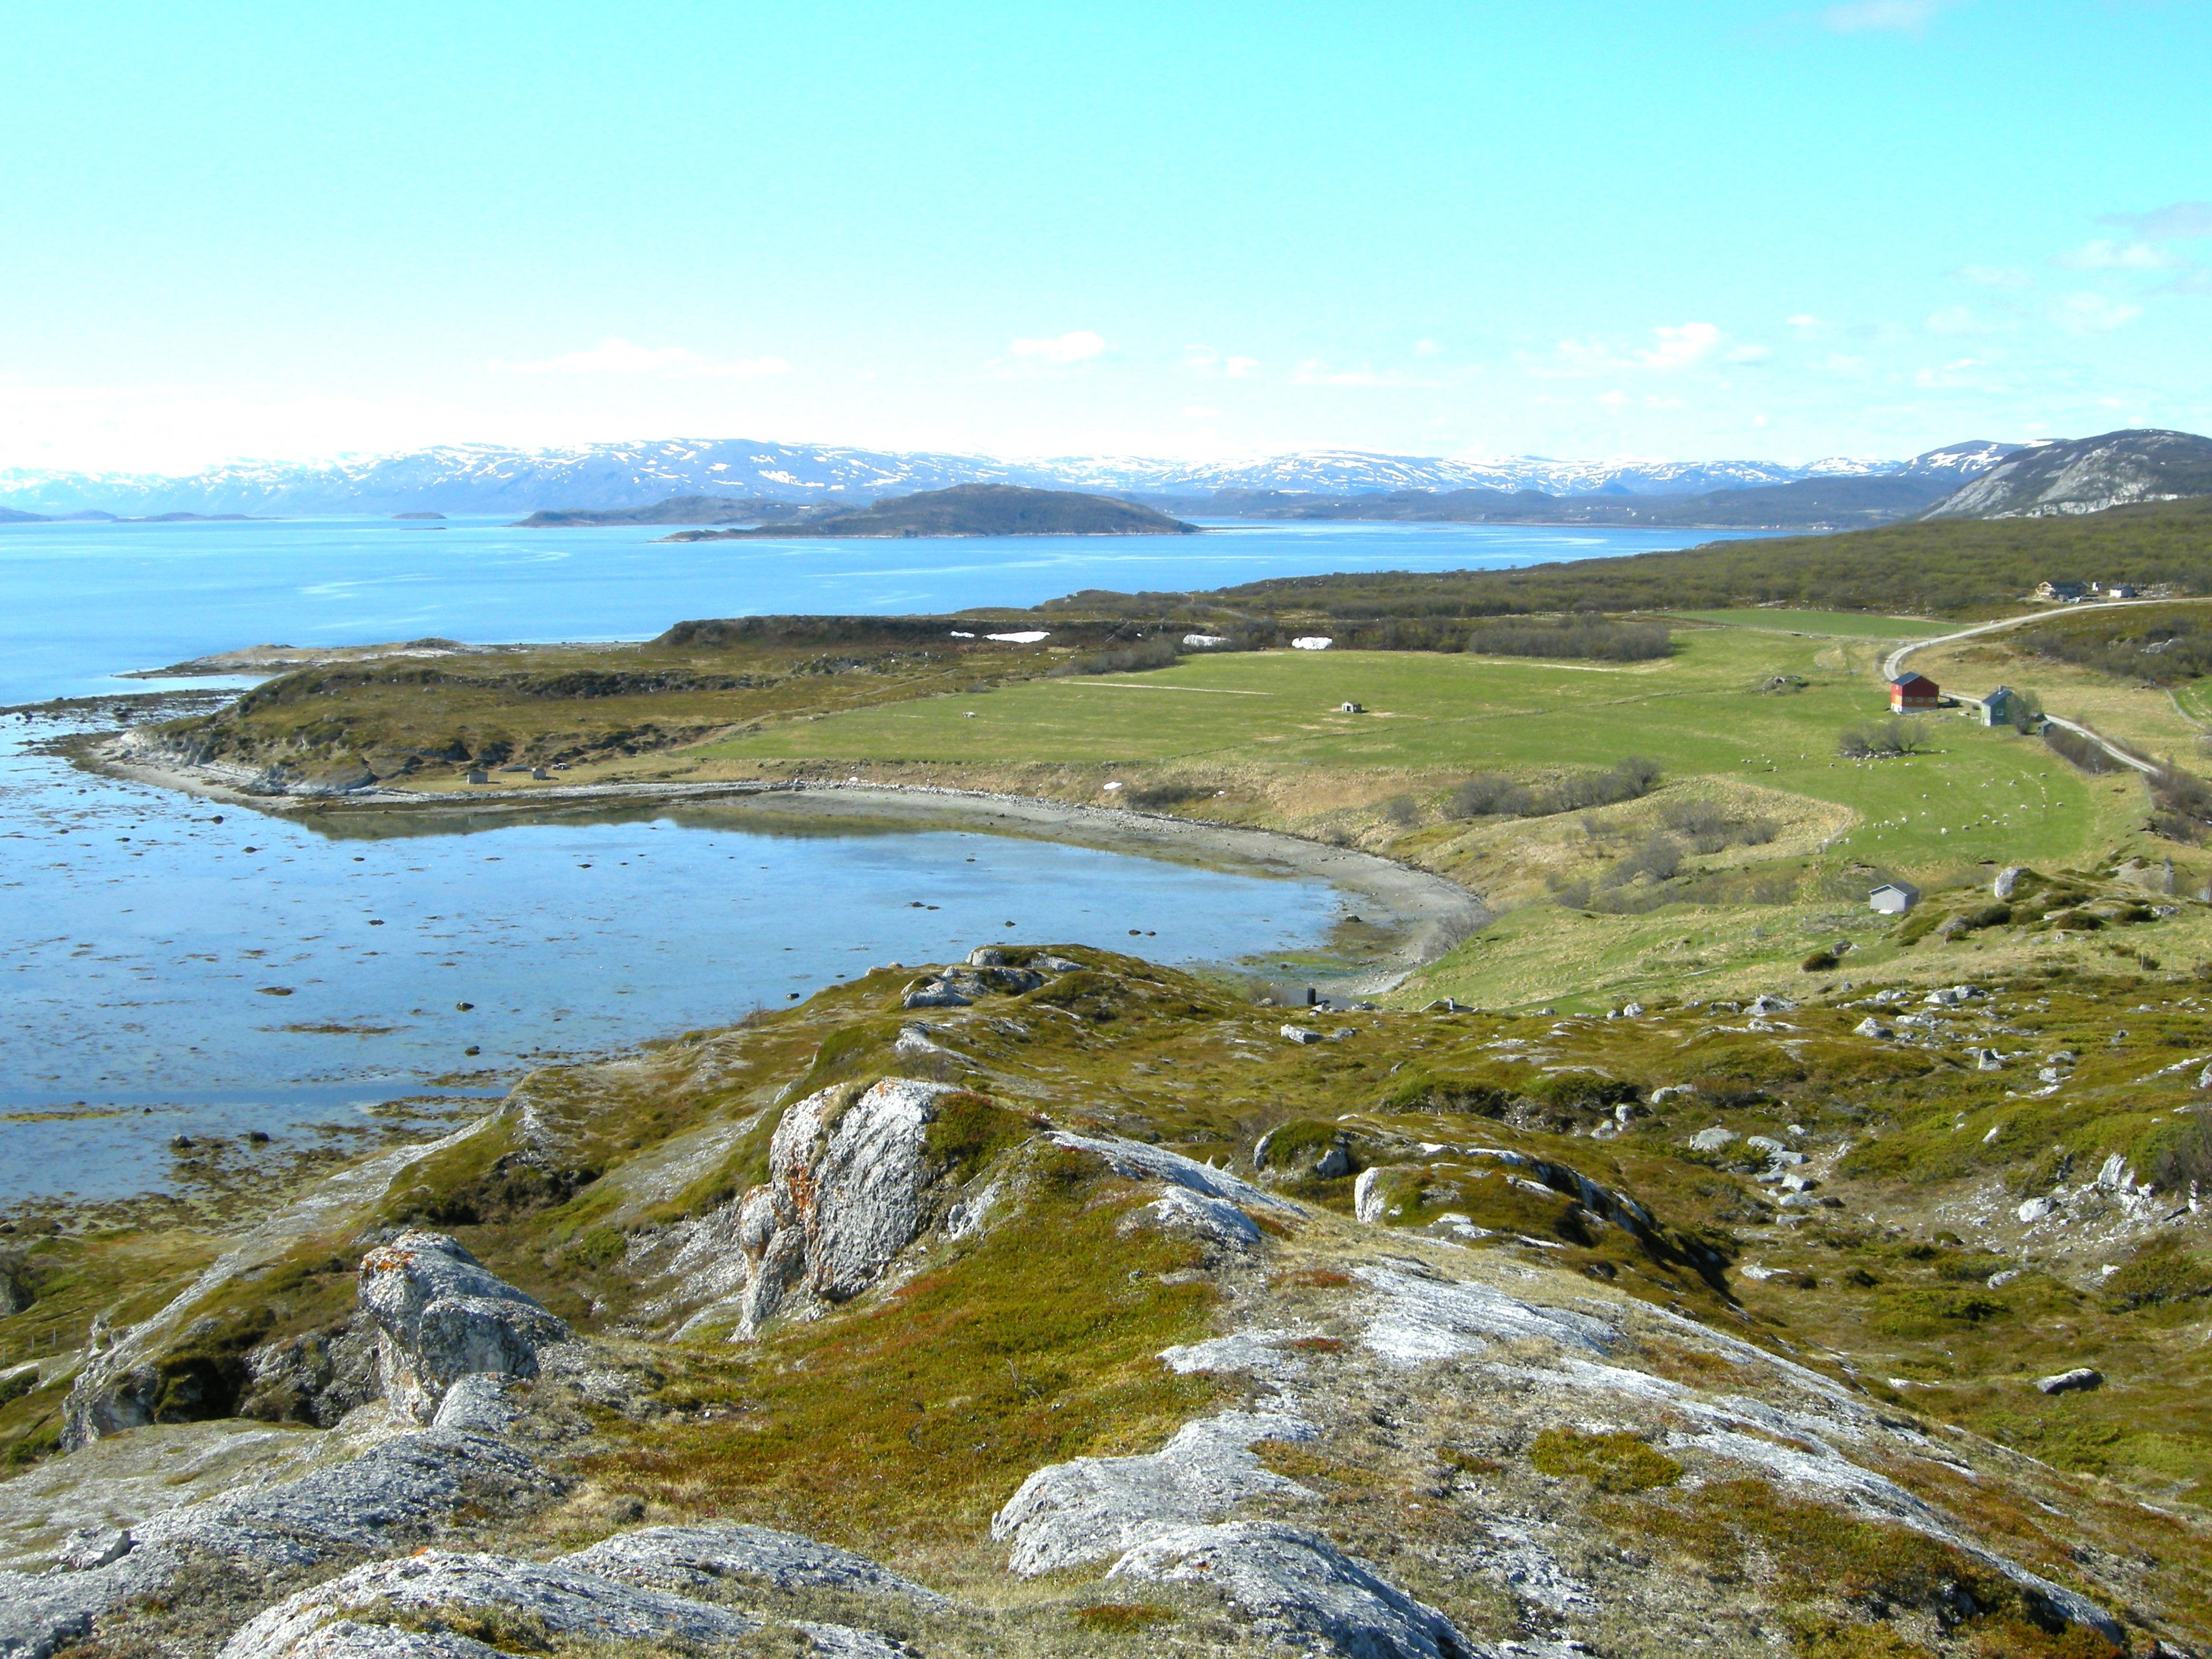 Porsangerfjorden